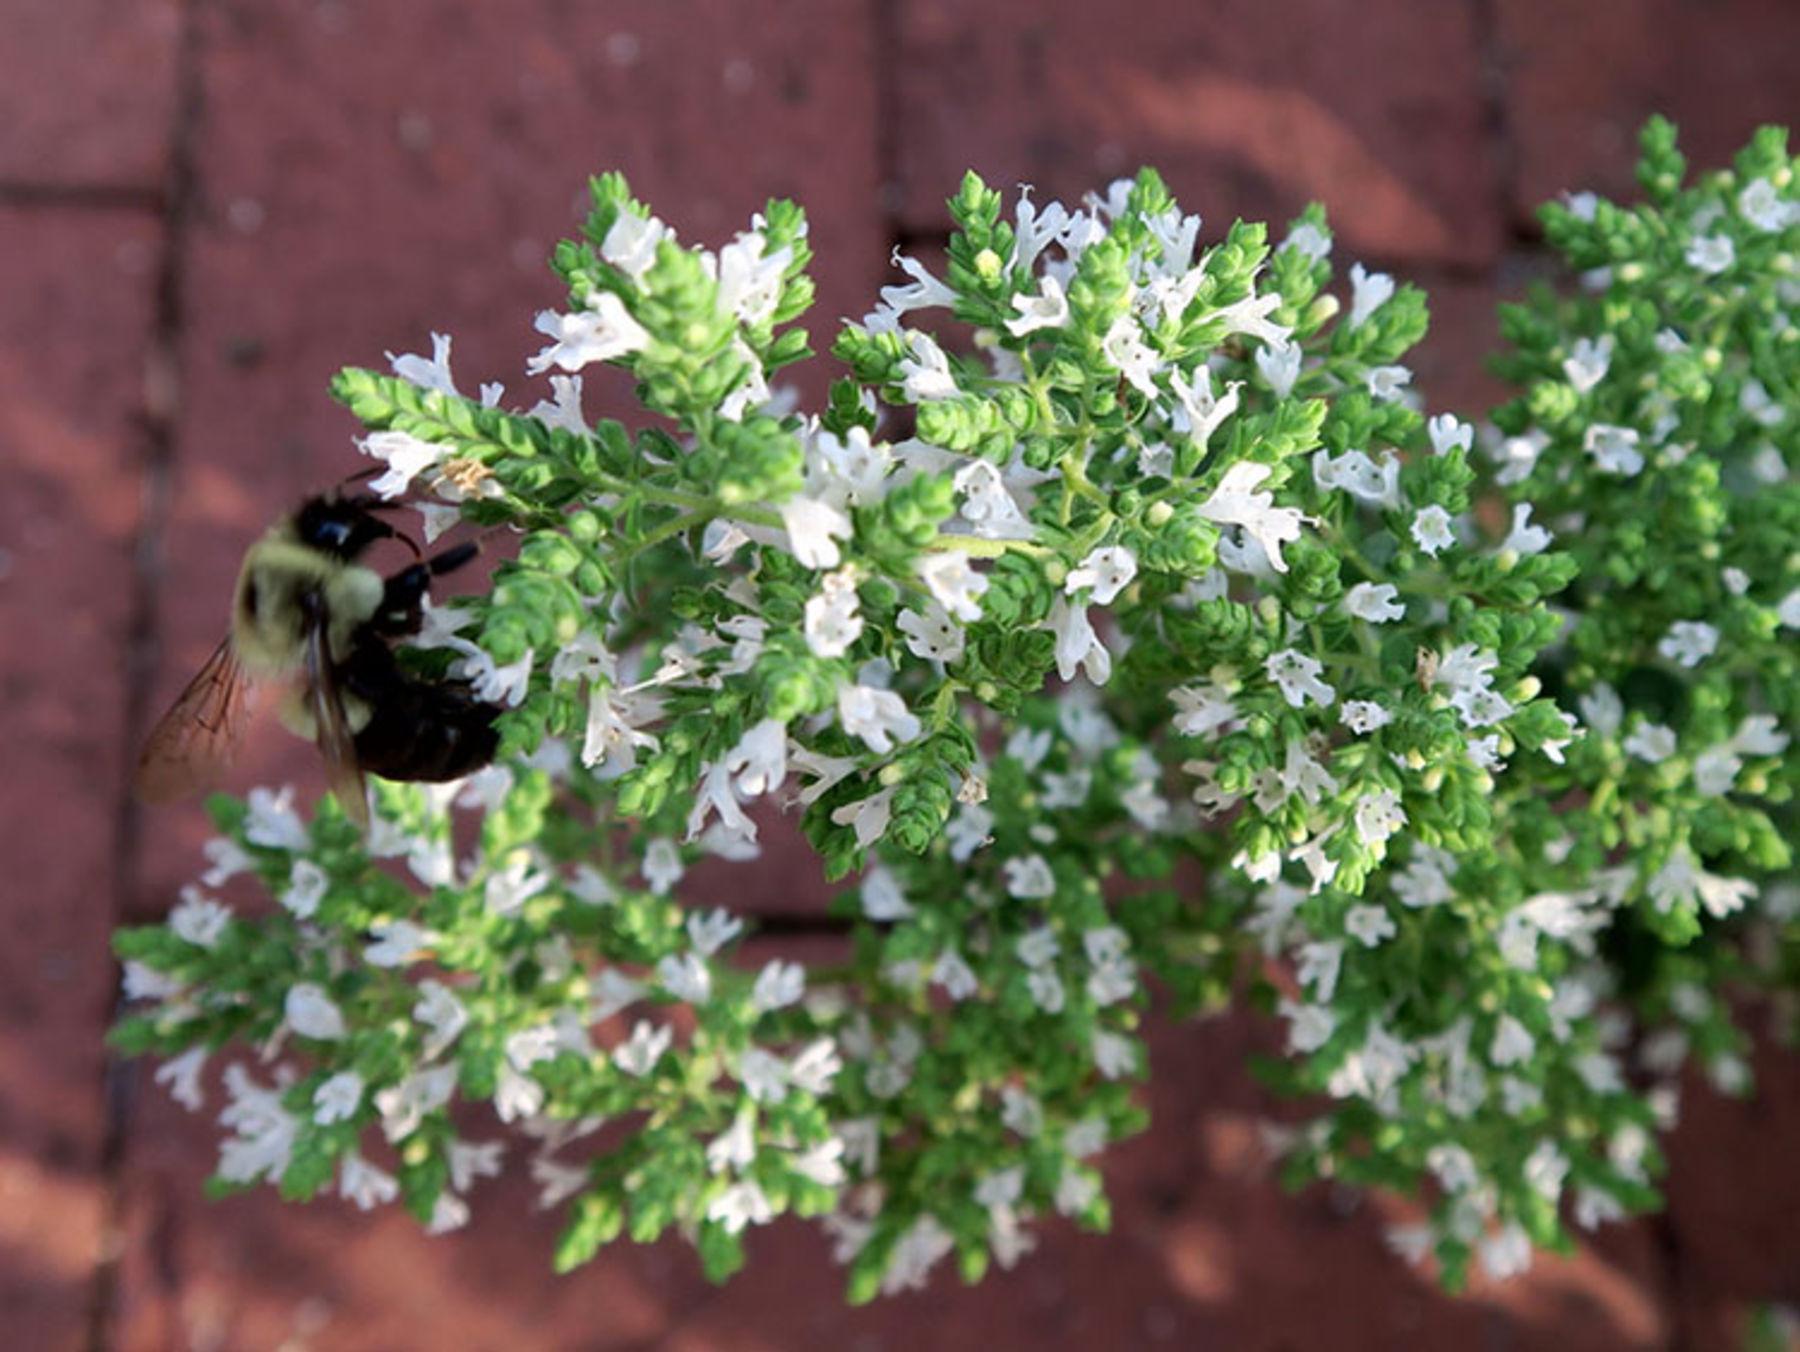 Fotoserie Bienenfreundliche Pflanzen Okoleo Umwelt Und